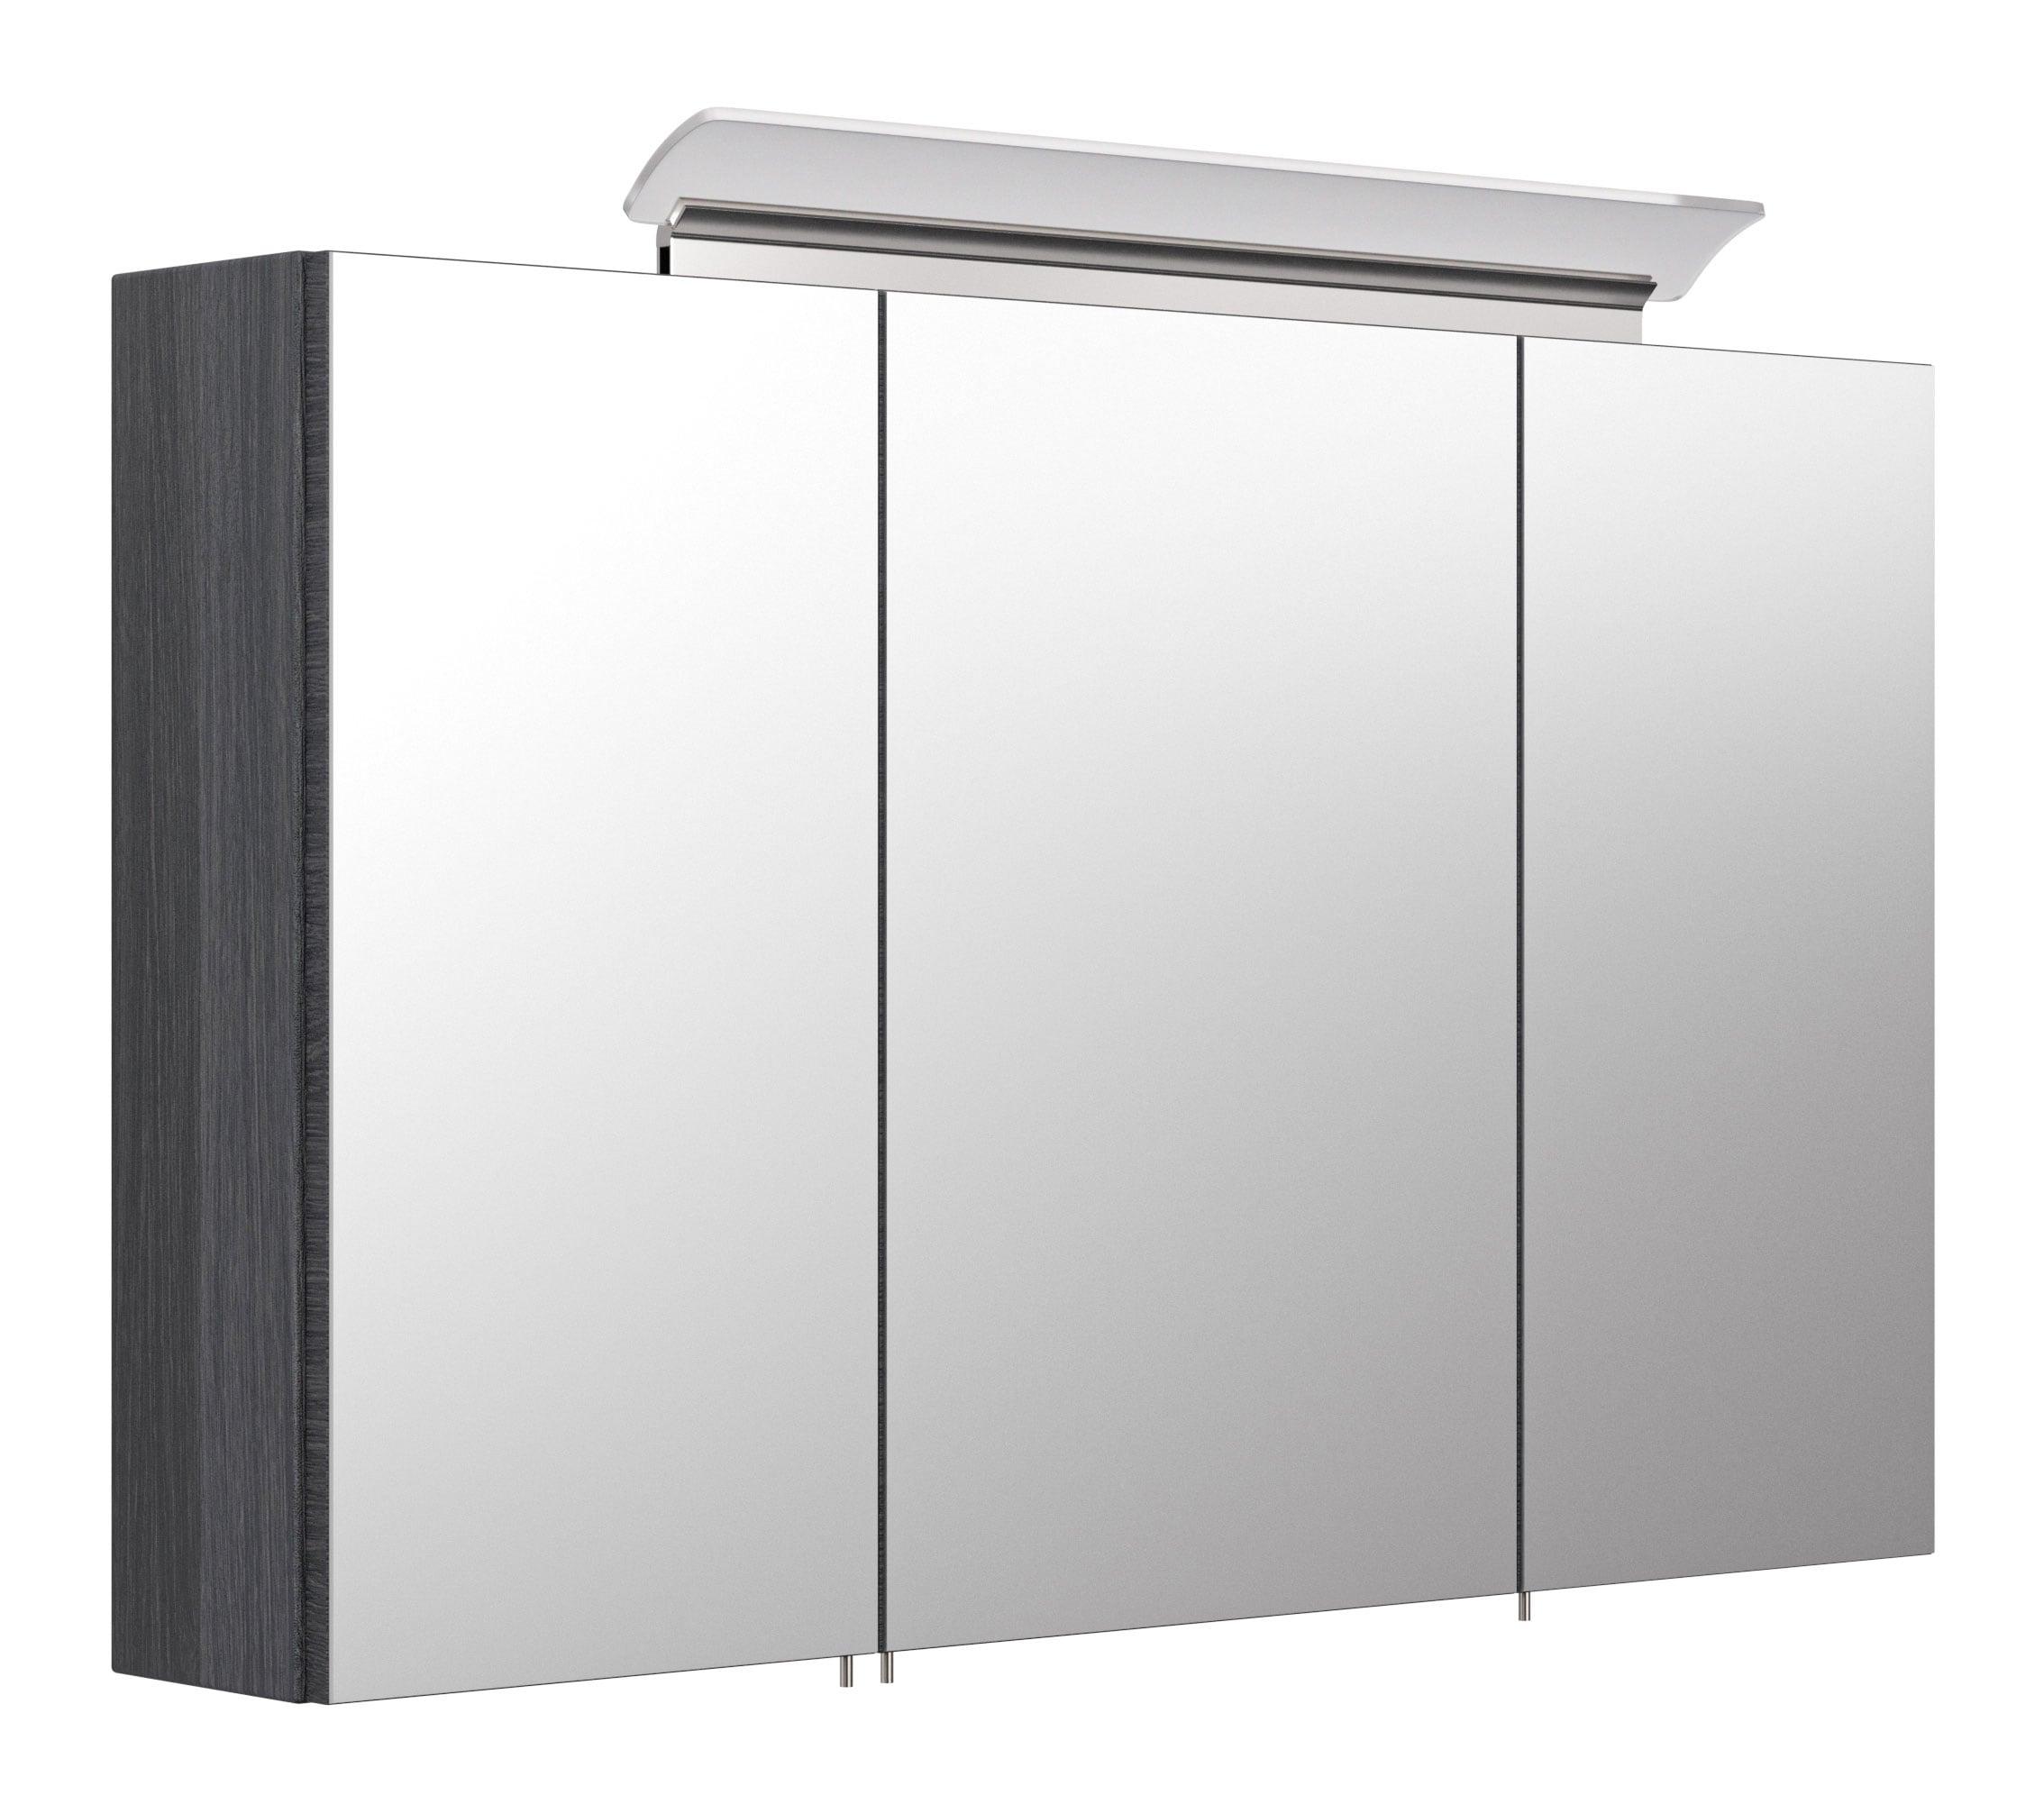 Saniclear Rocky 100cm spiegelkast met design LED verlichting antraciet eiken